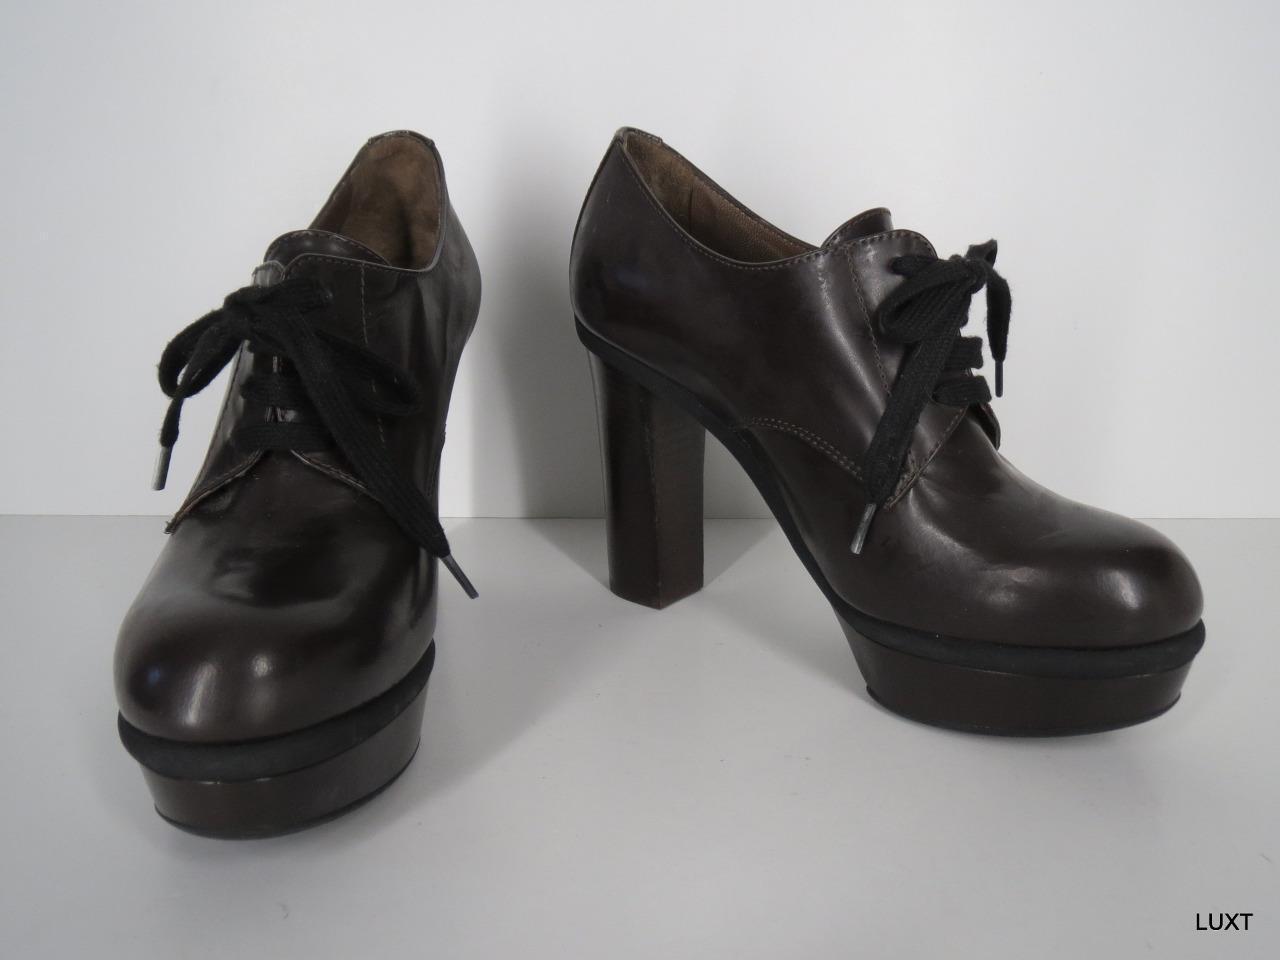 Marni Stiefelies Stiefelies Stiefelies Heels Lace Up  920 Größe 7.5 37.5 Leather braun Platform Block 9ef452